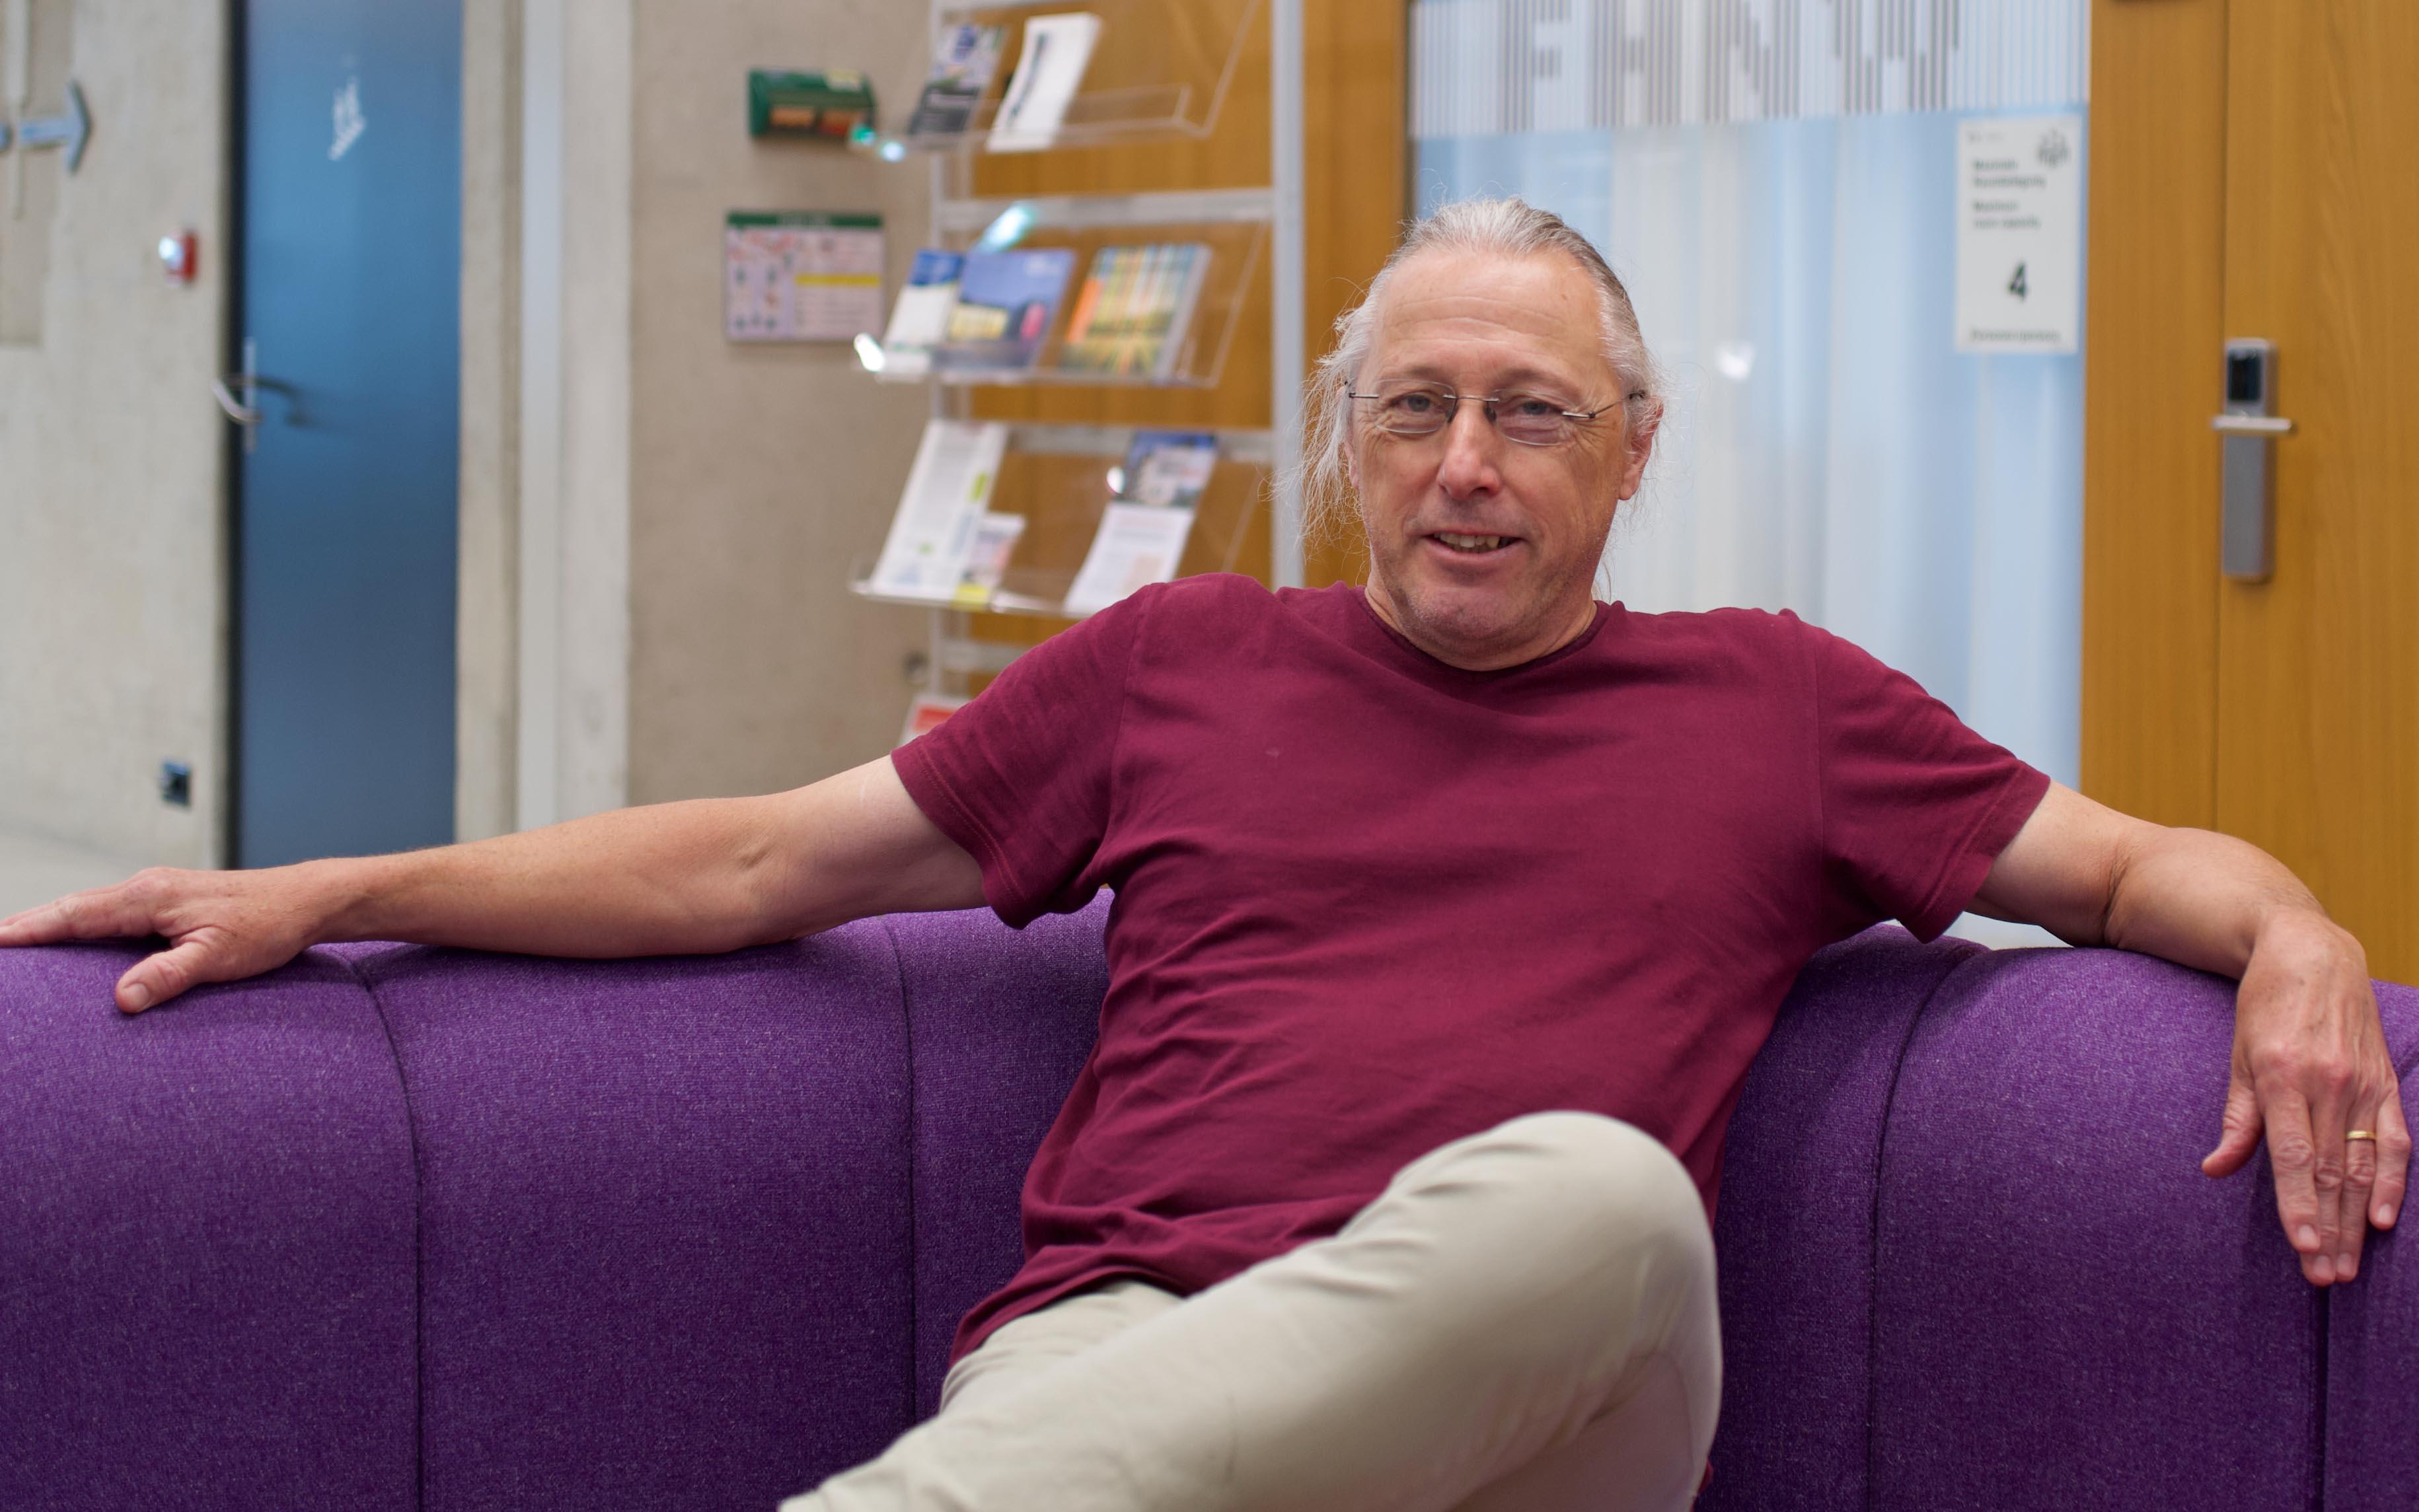 Andreas Witmer verabschiedet sich nach über 30 Jahren FHNW wohlverdient in die Pension.